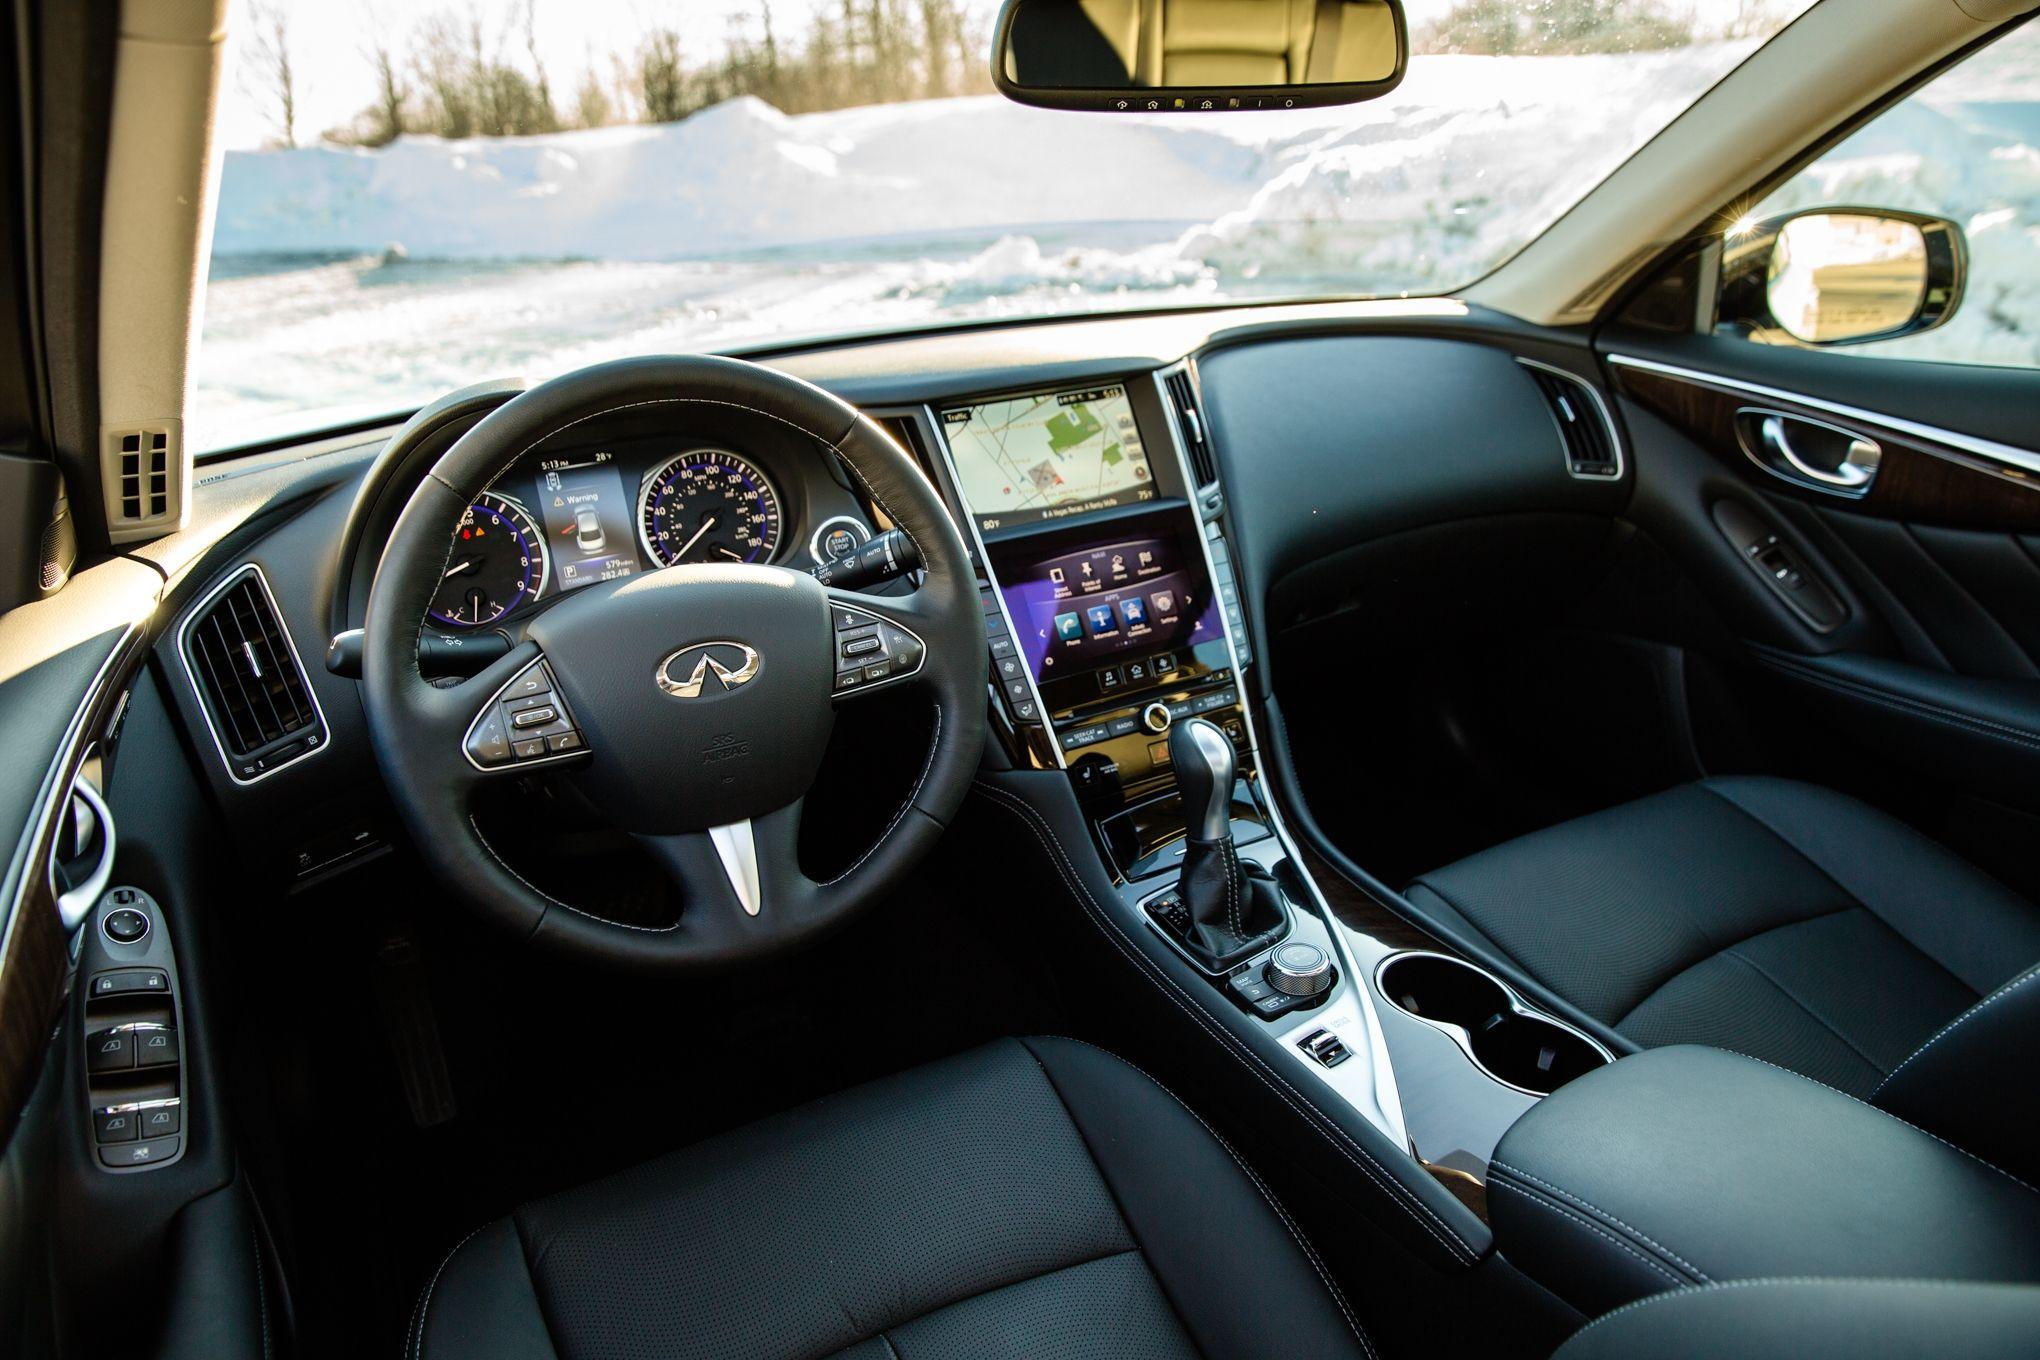 2015 Q50 Infinity Interior Infiniti Q50 Infiniti Q50 Interior Infiniti